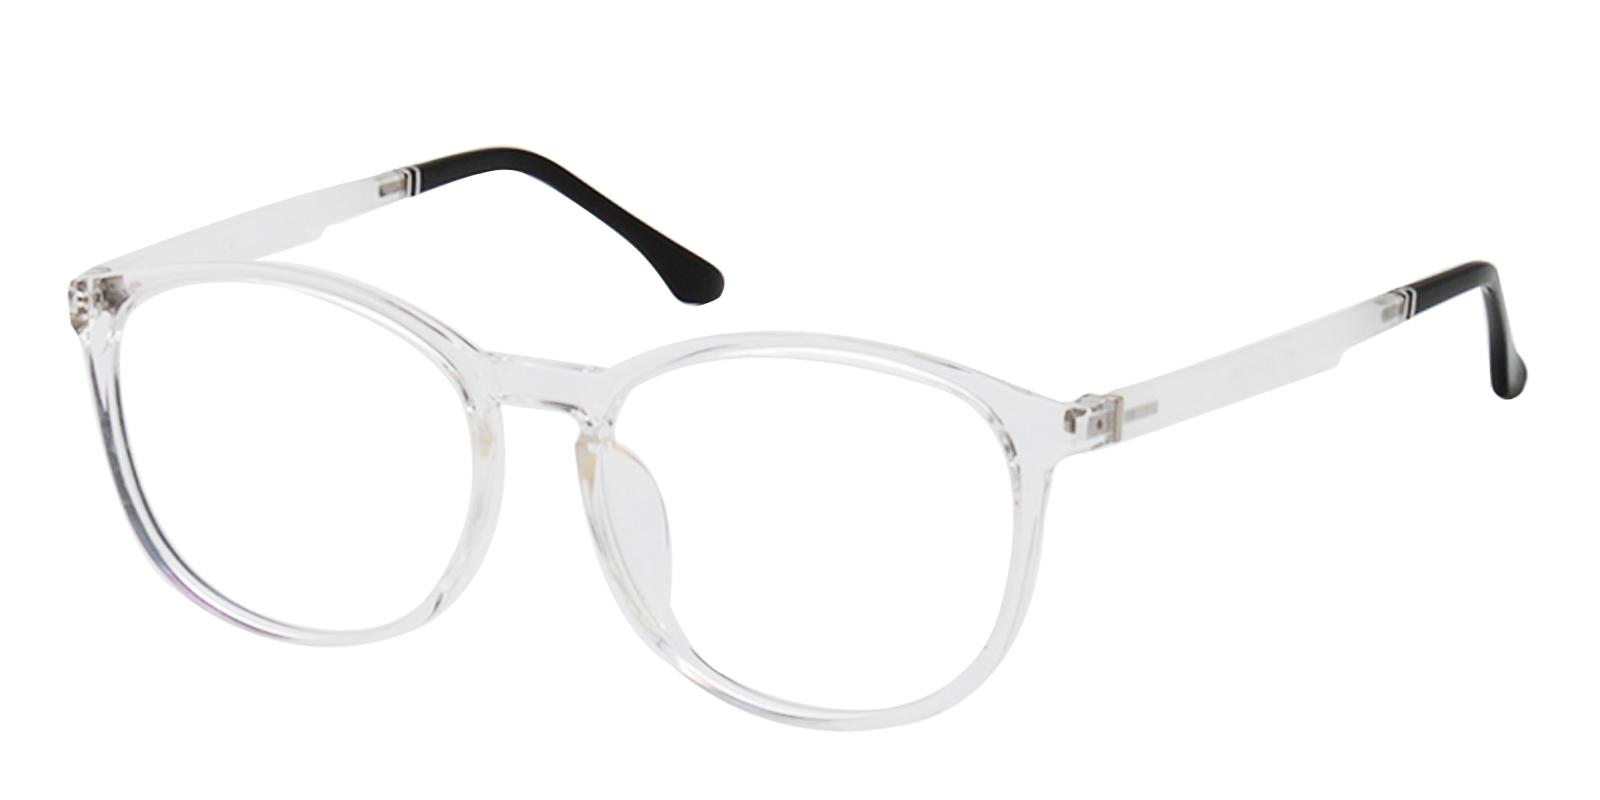 Hailey Translucent TR Eyeglasses , UniversalBridgeFit Frames from ABBE Glasses